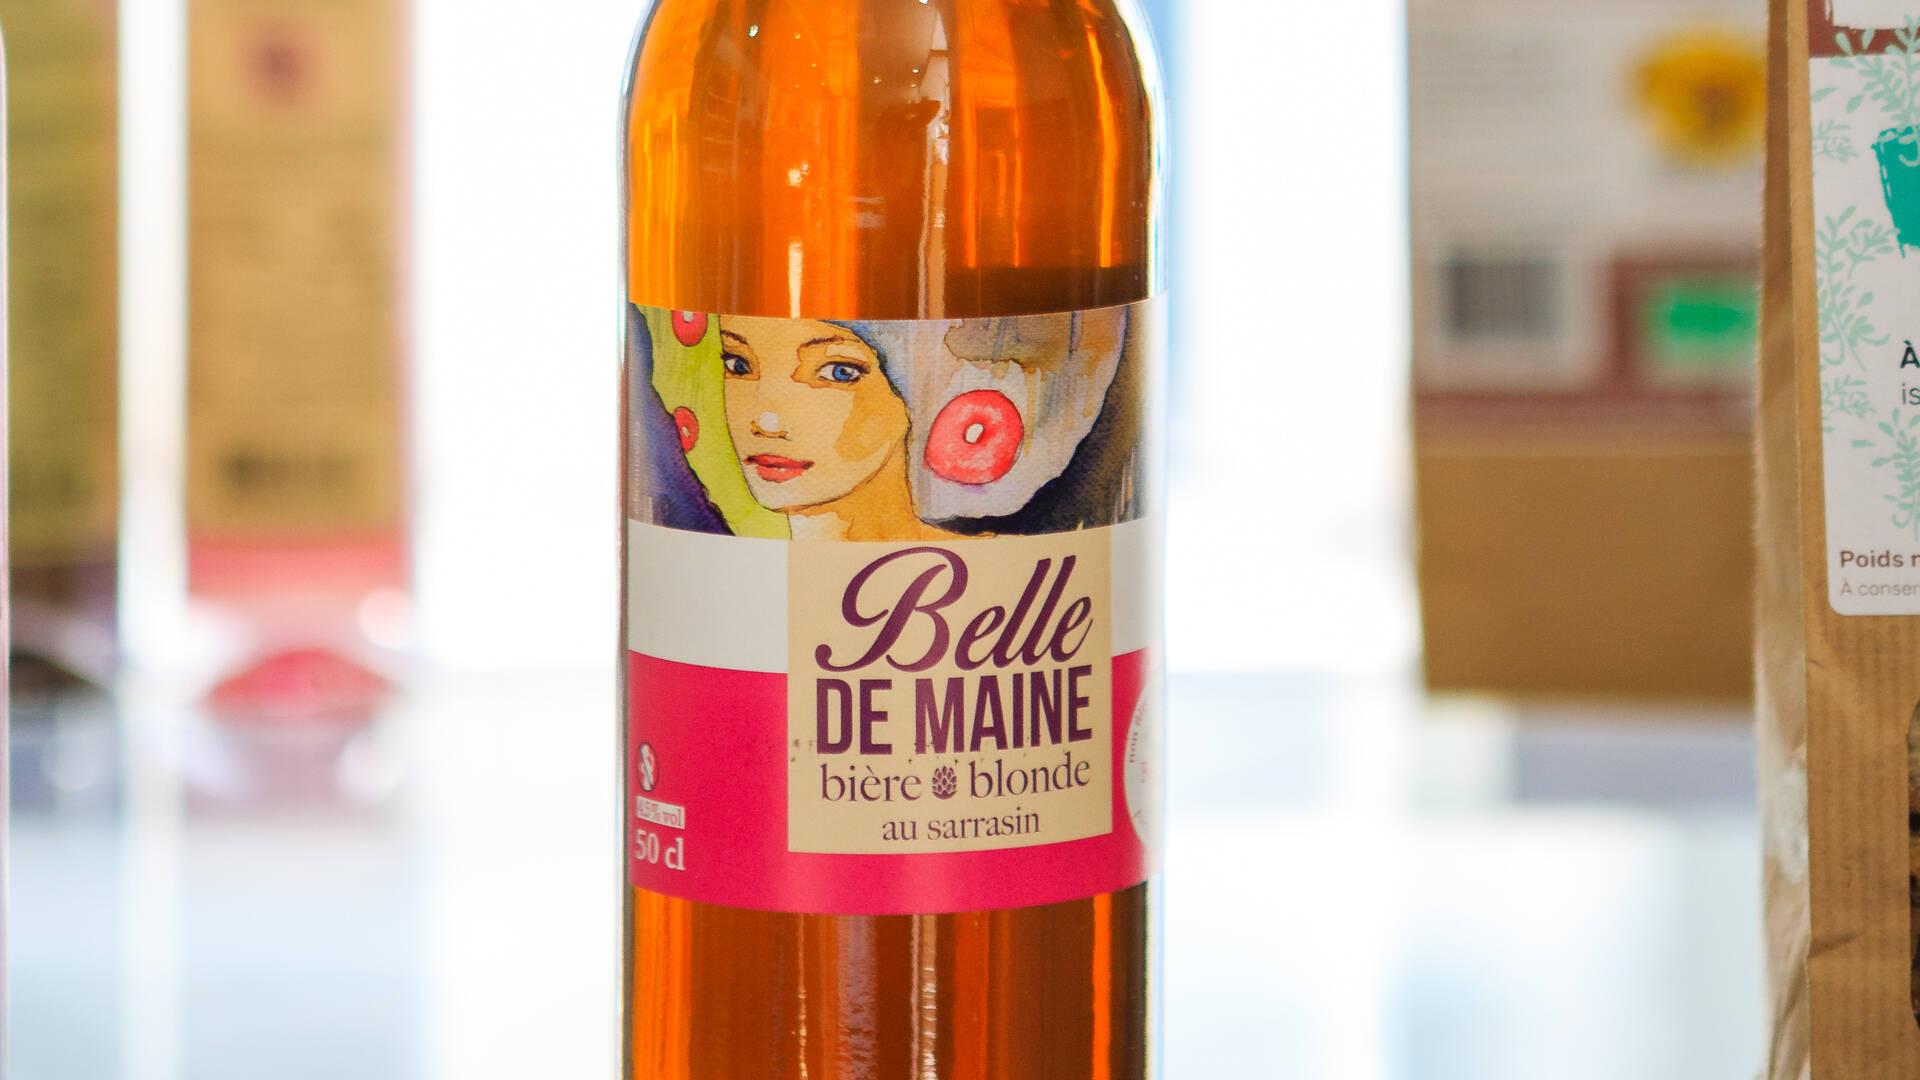 Bière Belle de Maine